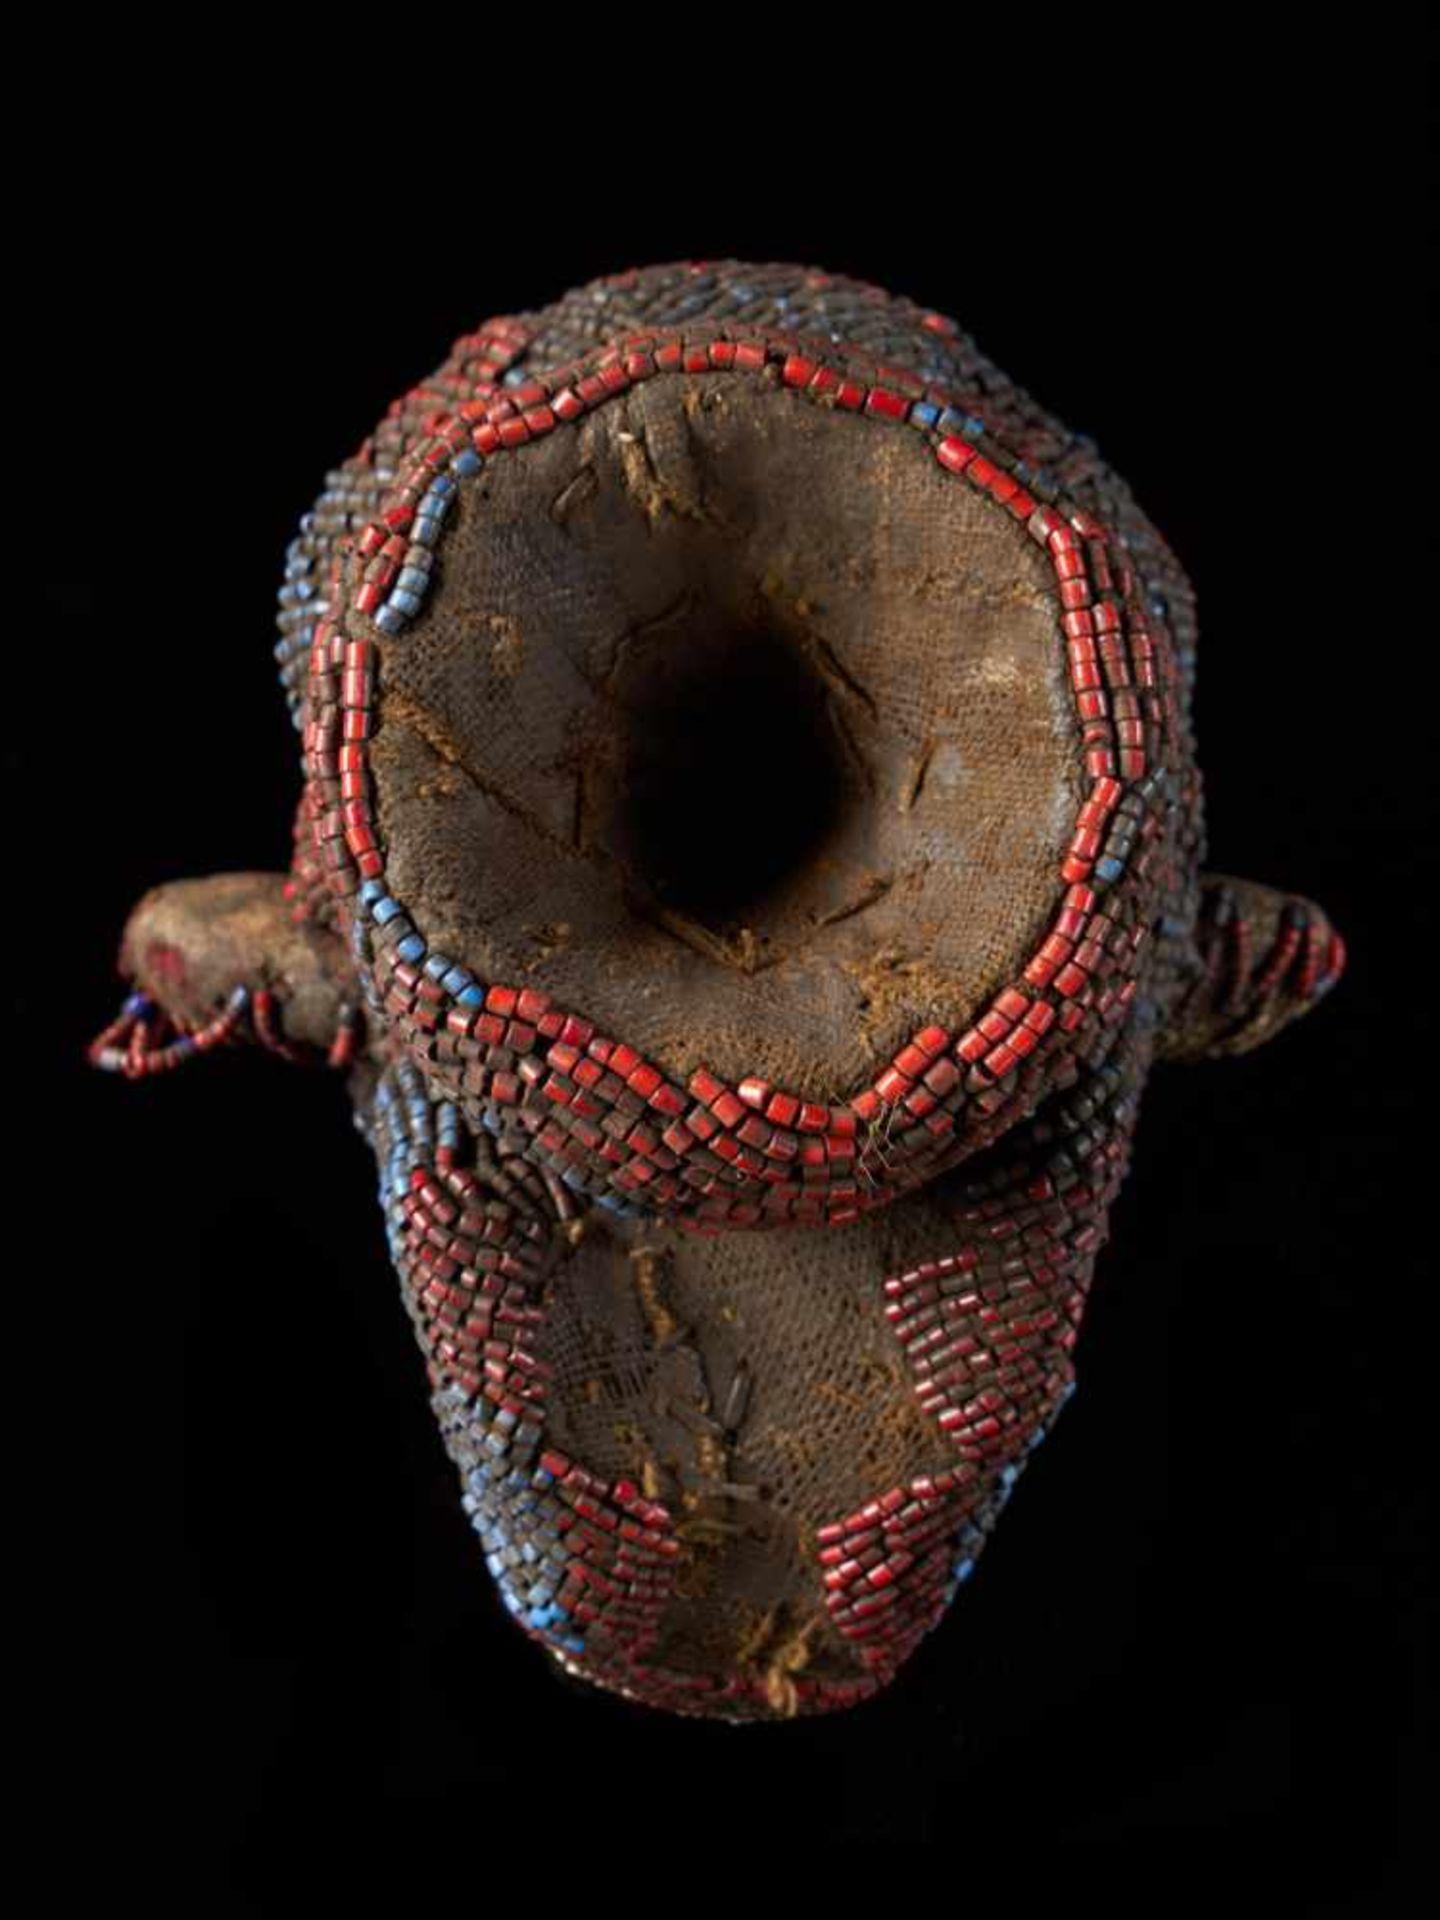 Beaded Monkey Head - Tribal ArtThis beaded monkey head has a striking realistic shape. It is - Bild 4 aus 4